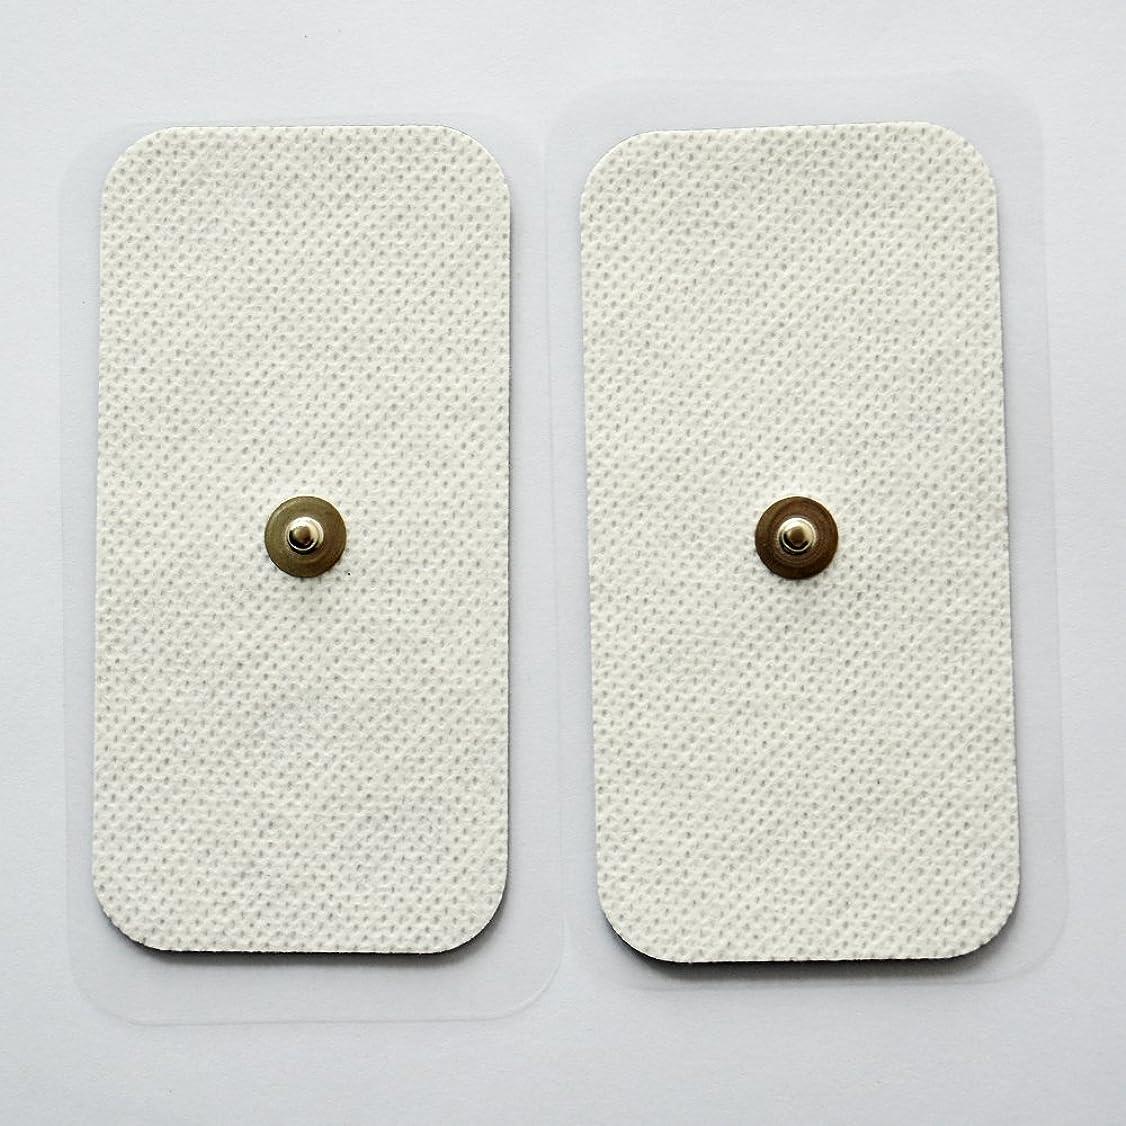 バイナリ認可発行Konmed 粘着パッド 低周波用 電極パッド 20ペア/40枚入り, 角形5cm*10cm